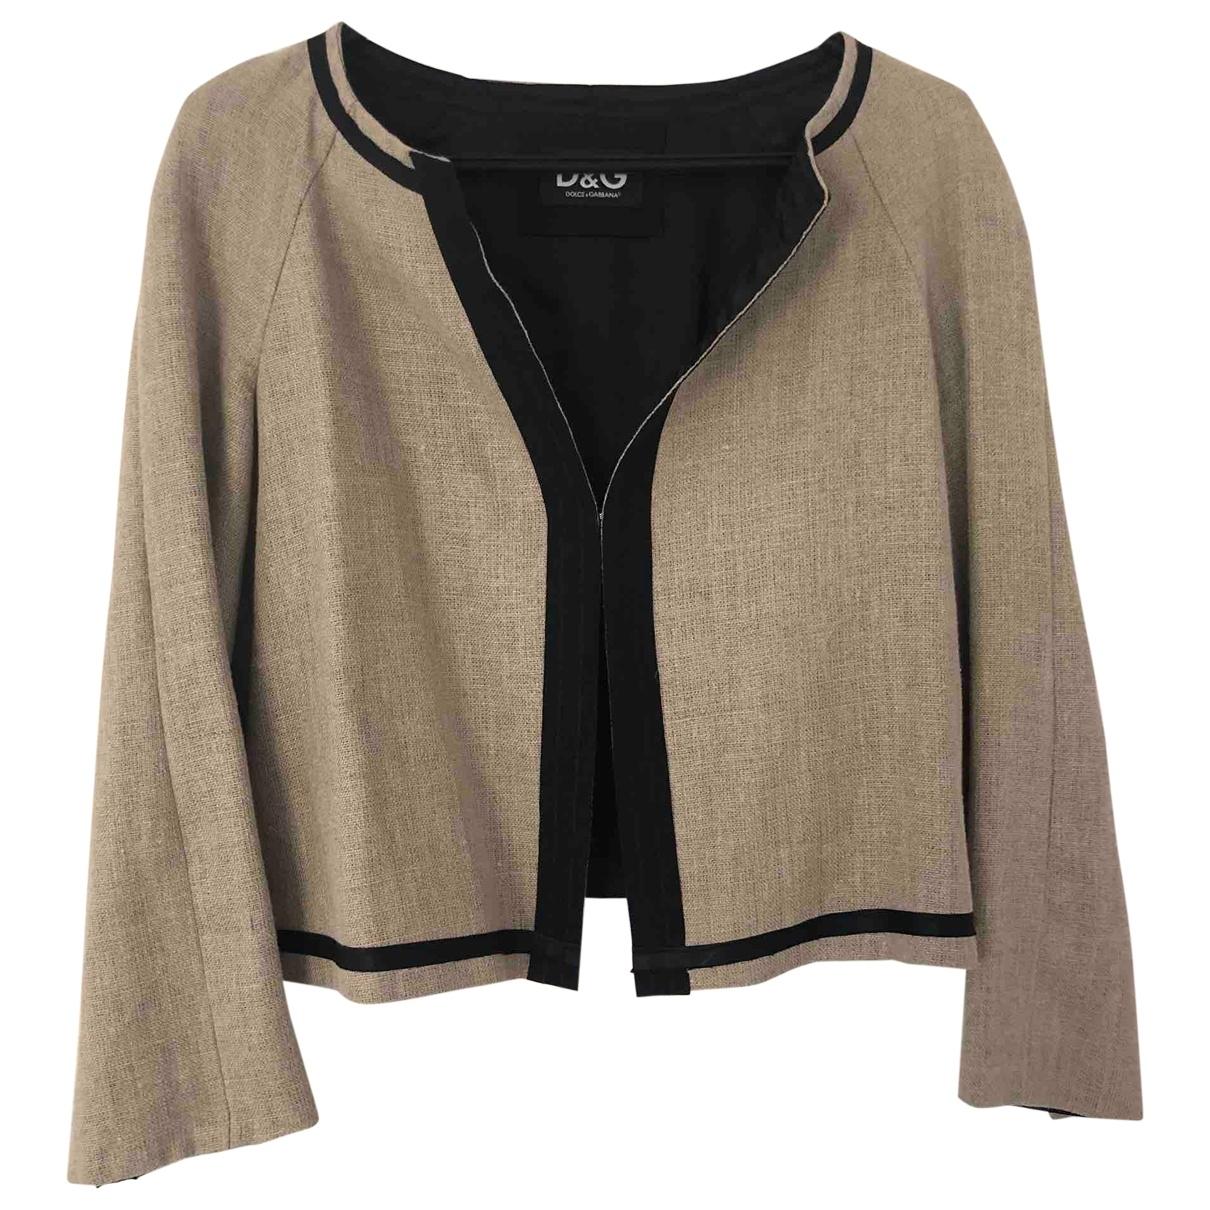 D&g \N Beige Linen jacket for Women 44 IT